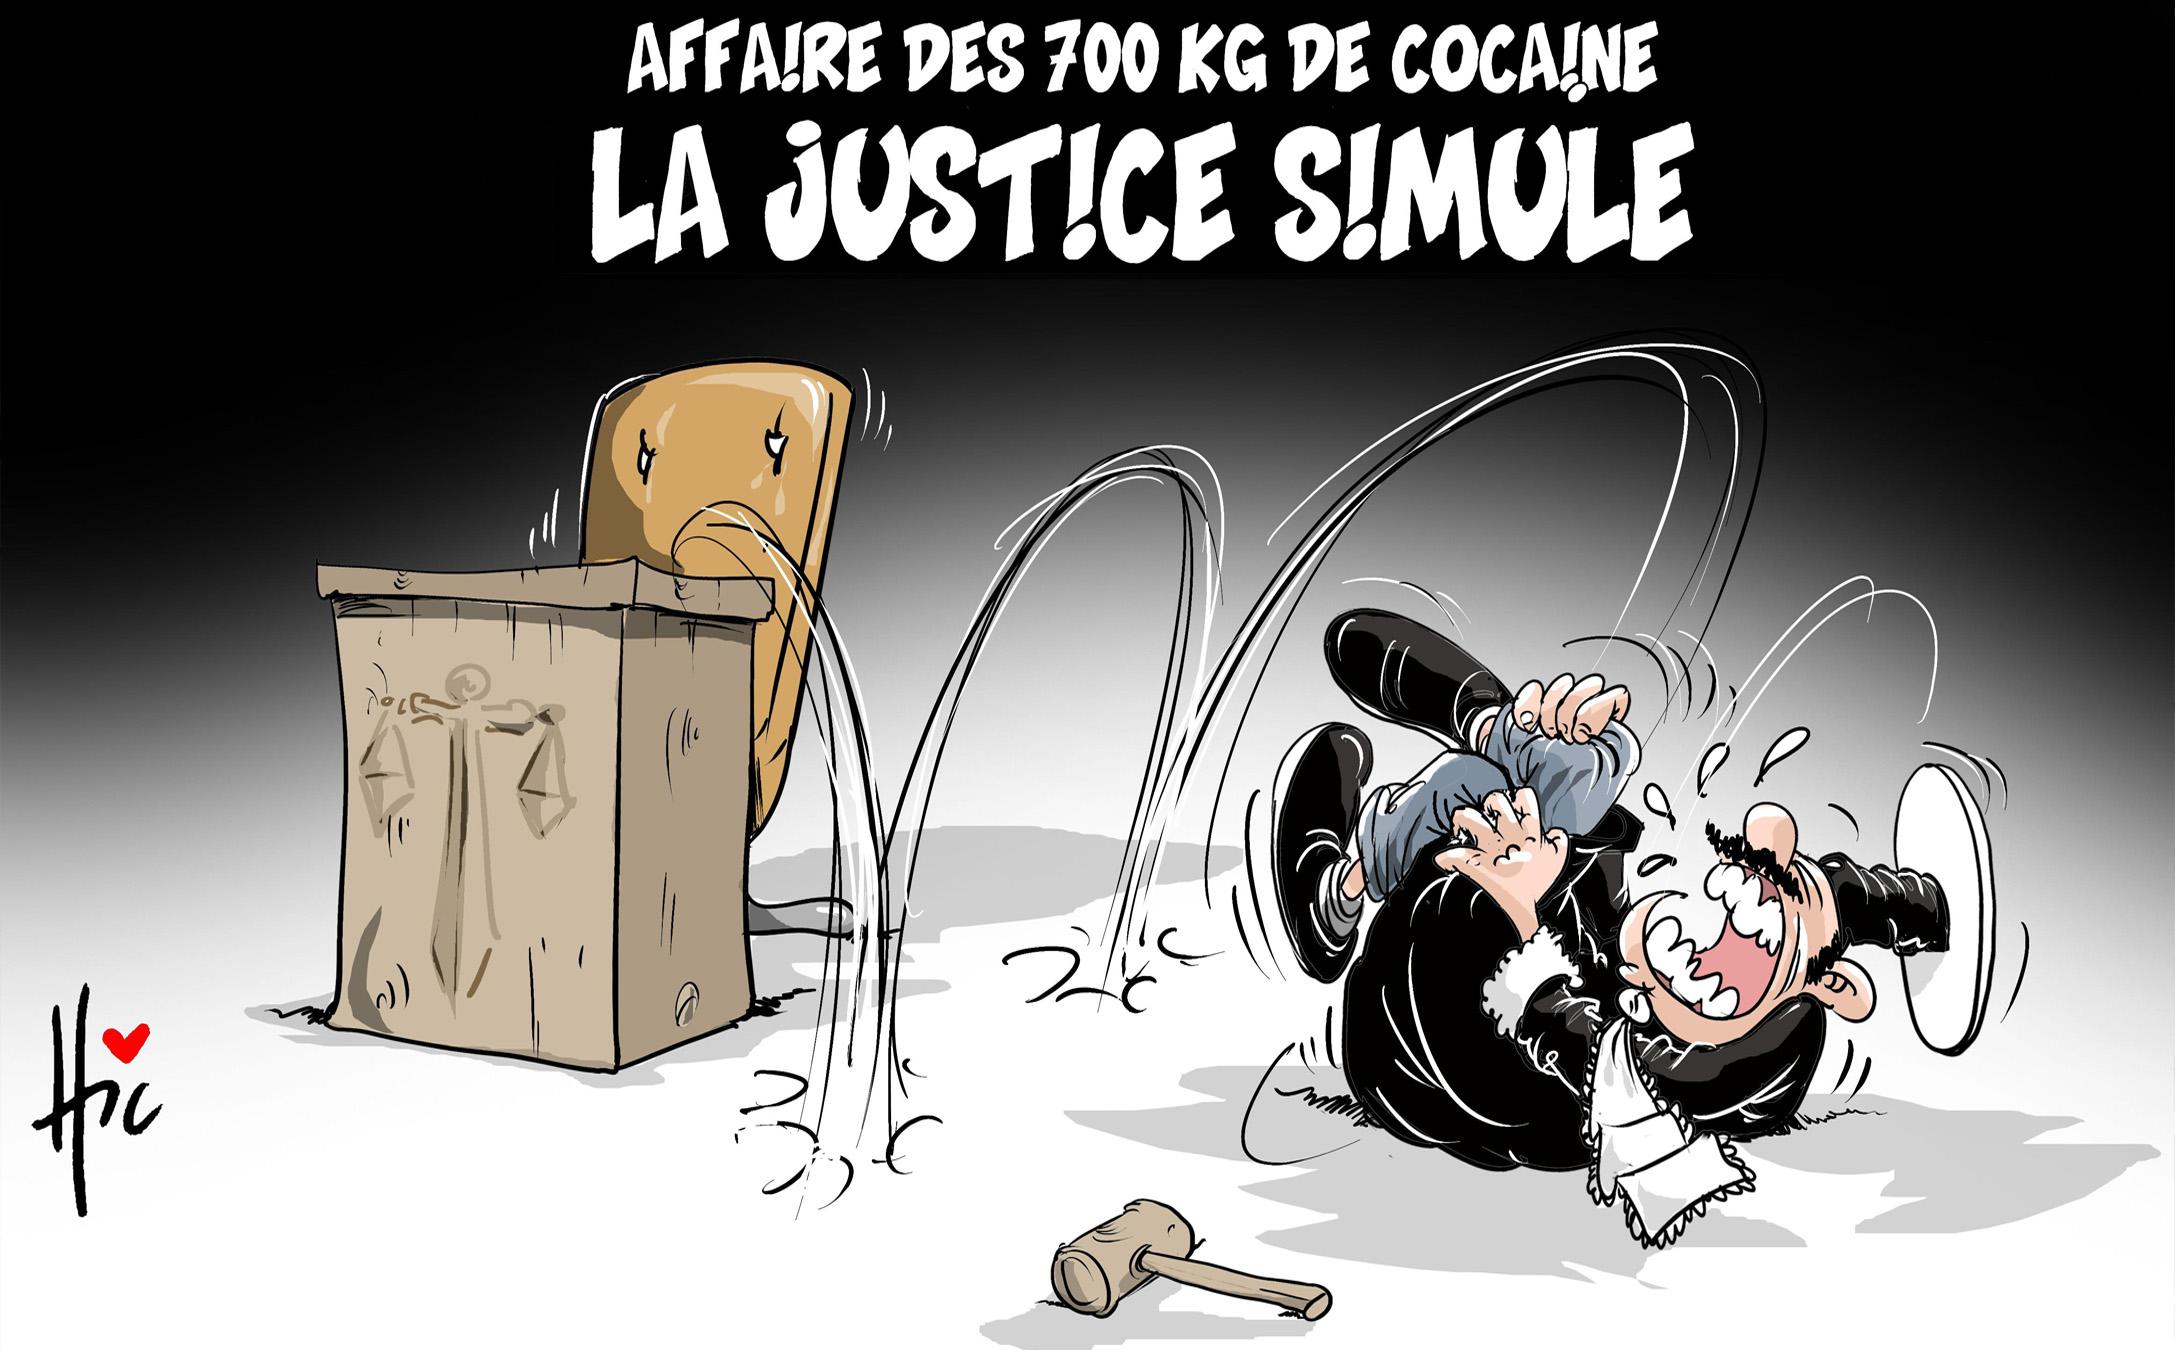 Affaire des 700 kg de cocaïne : La justice simule - Dessins et Caricatures, Le Hic - El Watan - Gagdz.com